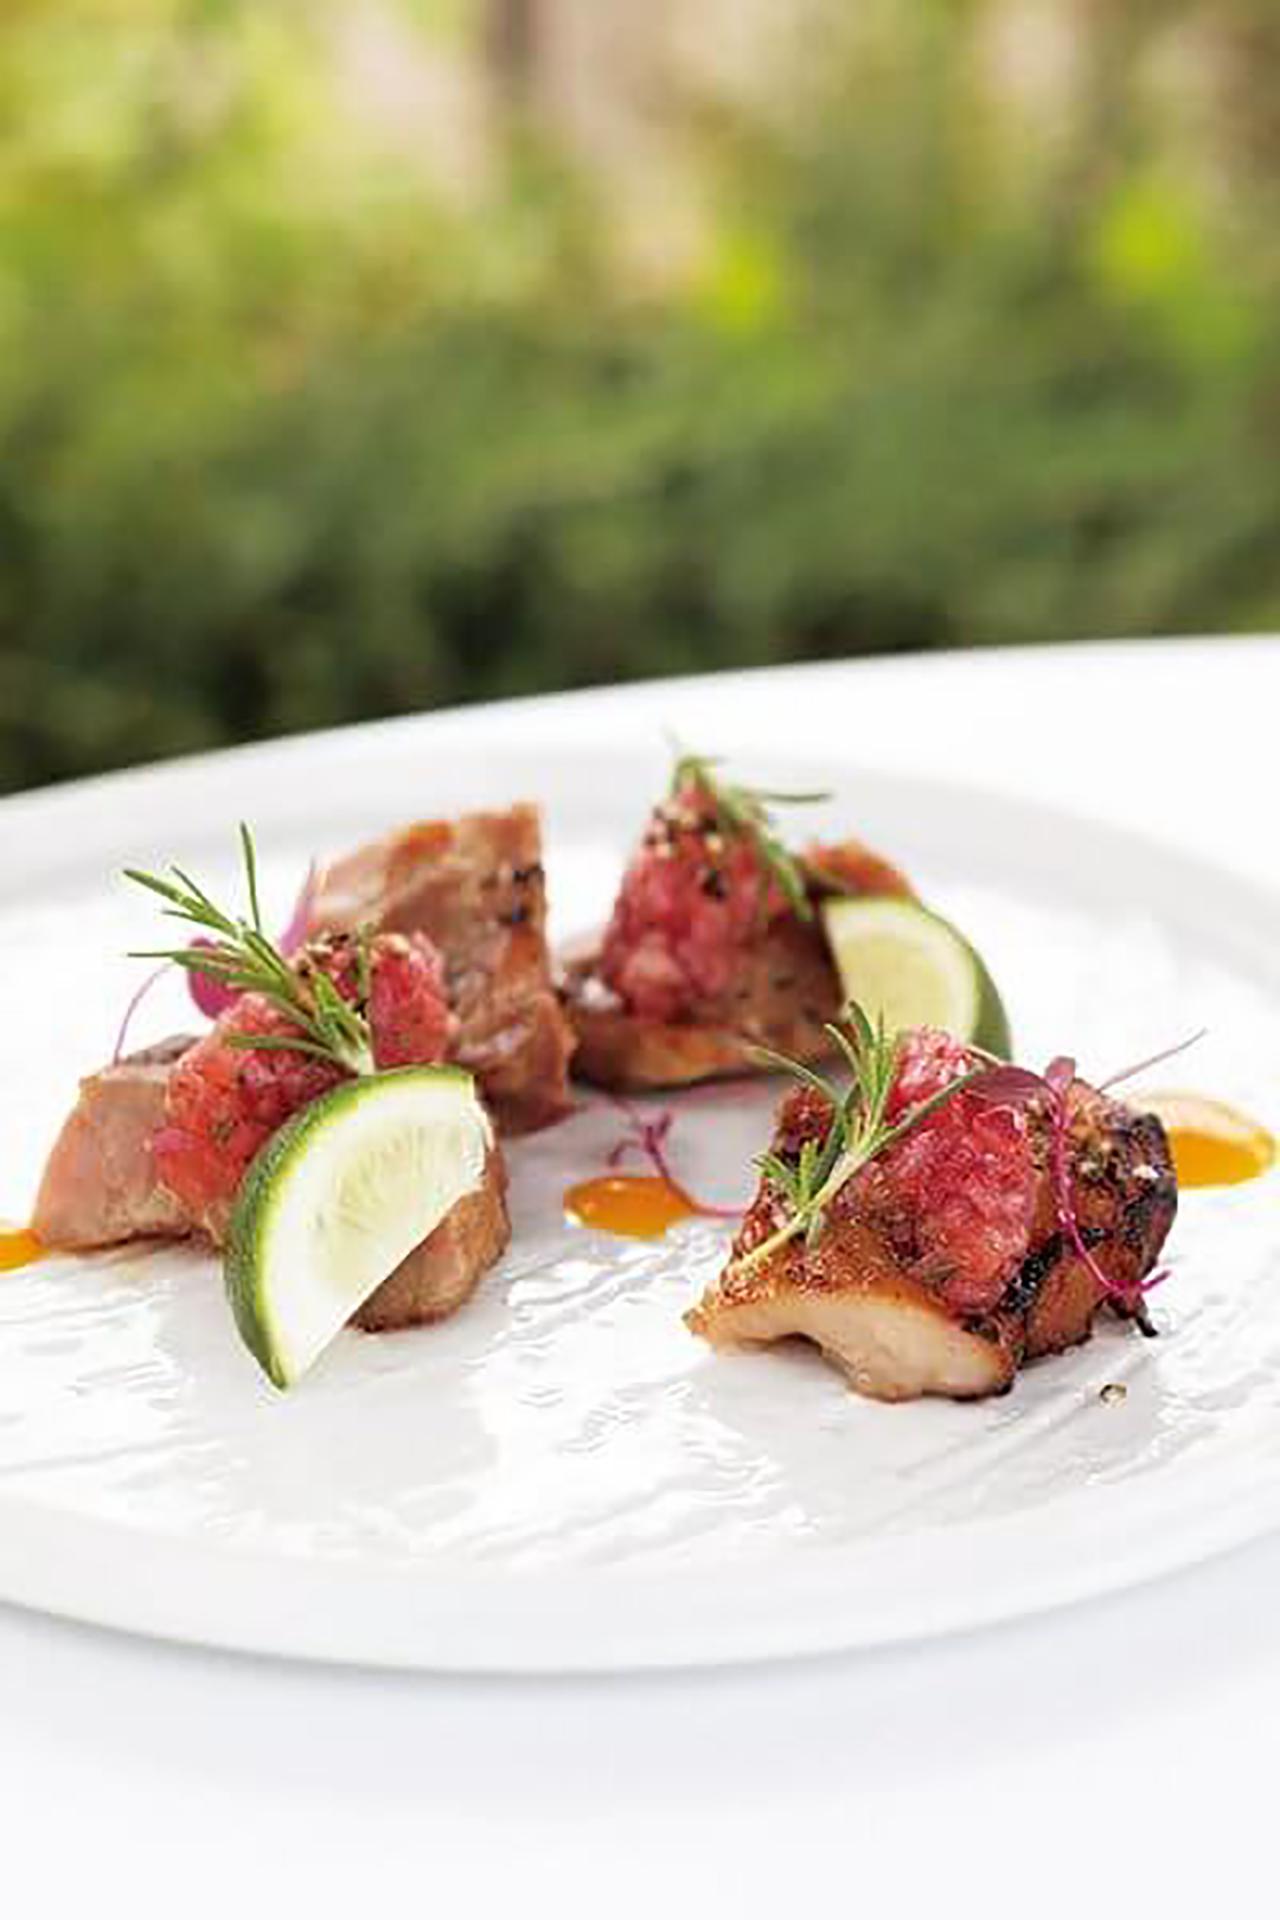 赤玉ねぎの甘酸っぱいソースに使用したローズマリーは、シェフが屋上で育てたもの。京もち豚のロースト1980円(サ別)